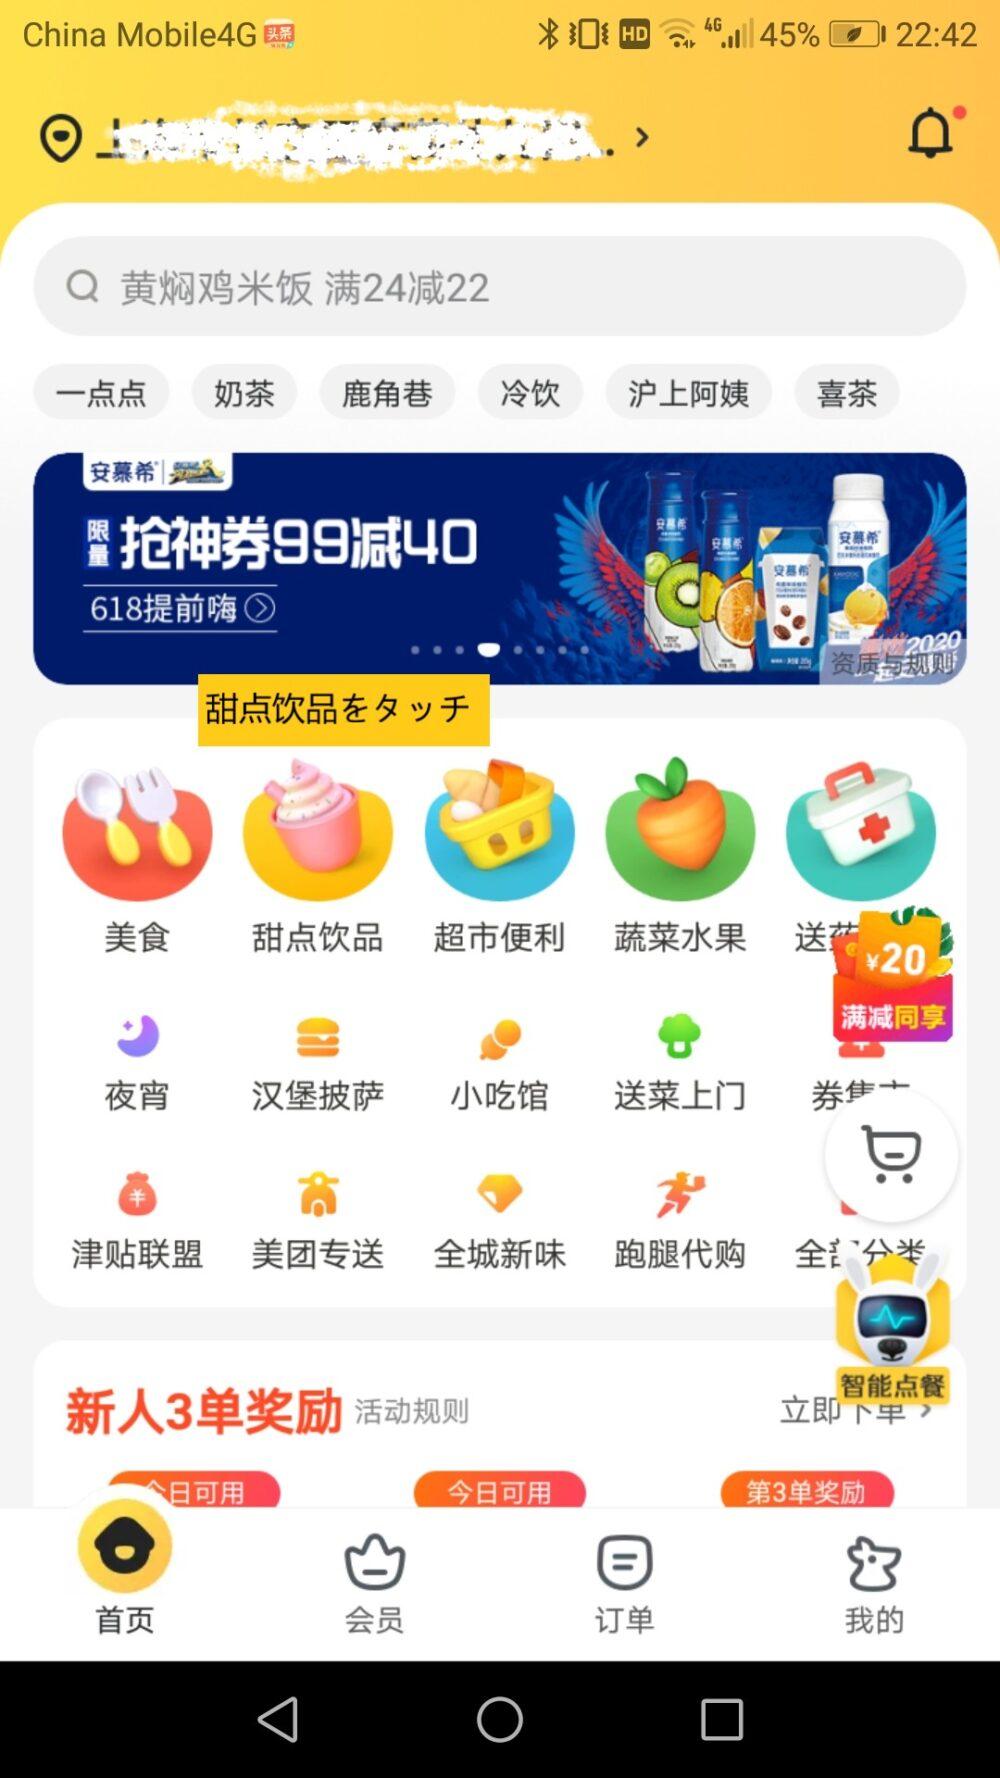 フードデリバリーアプリの美团の甜点饮品をタッチするスクリーンショットの画像